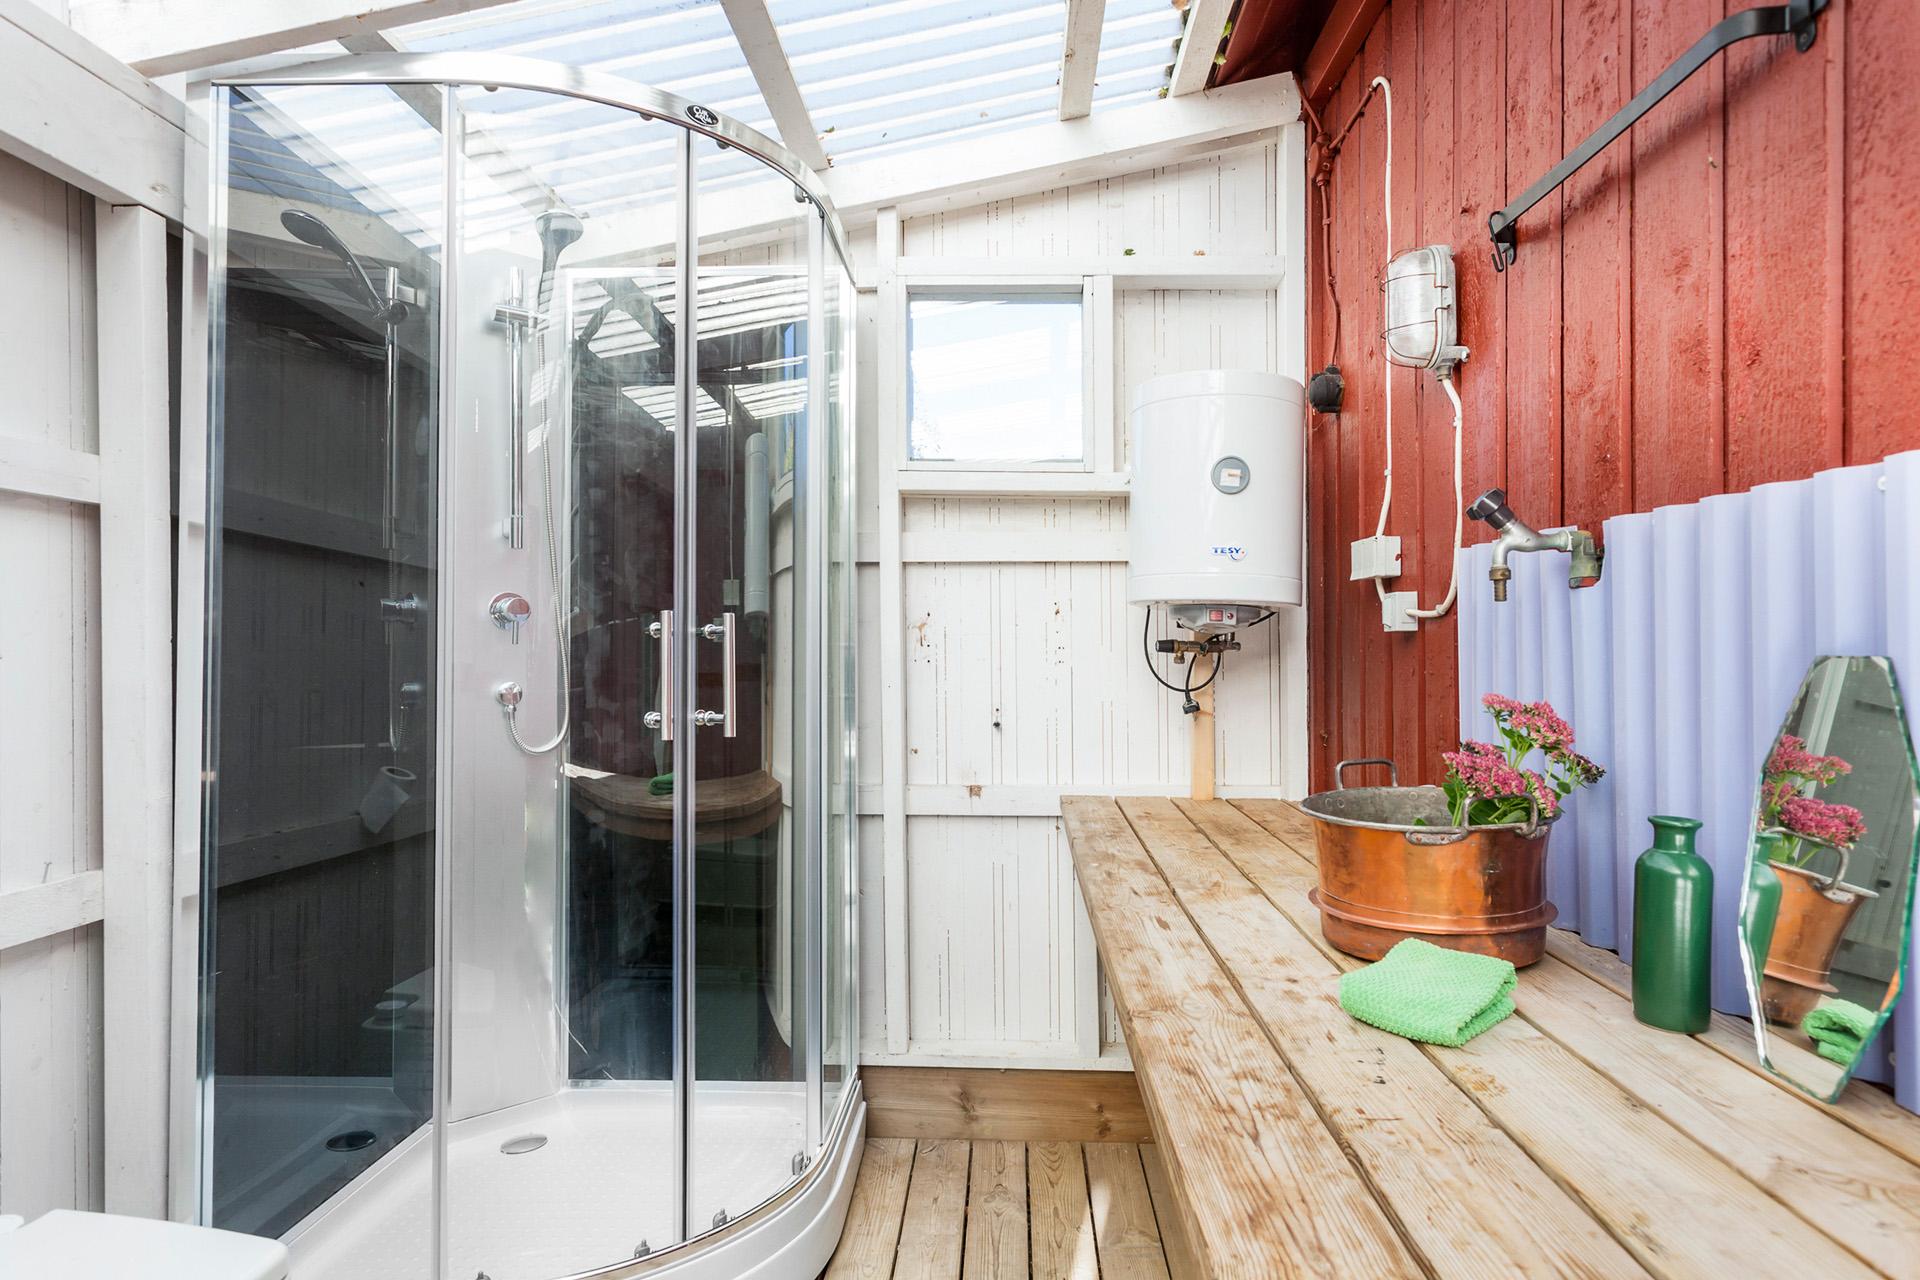 Duschkabin placerad i husets vidbyggda del med ingång från trädgården.